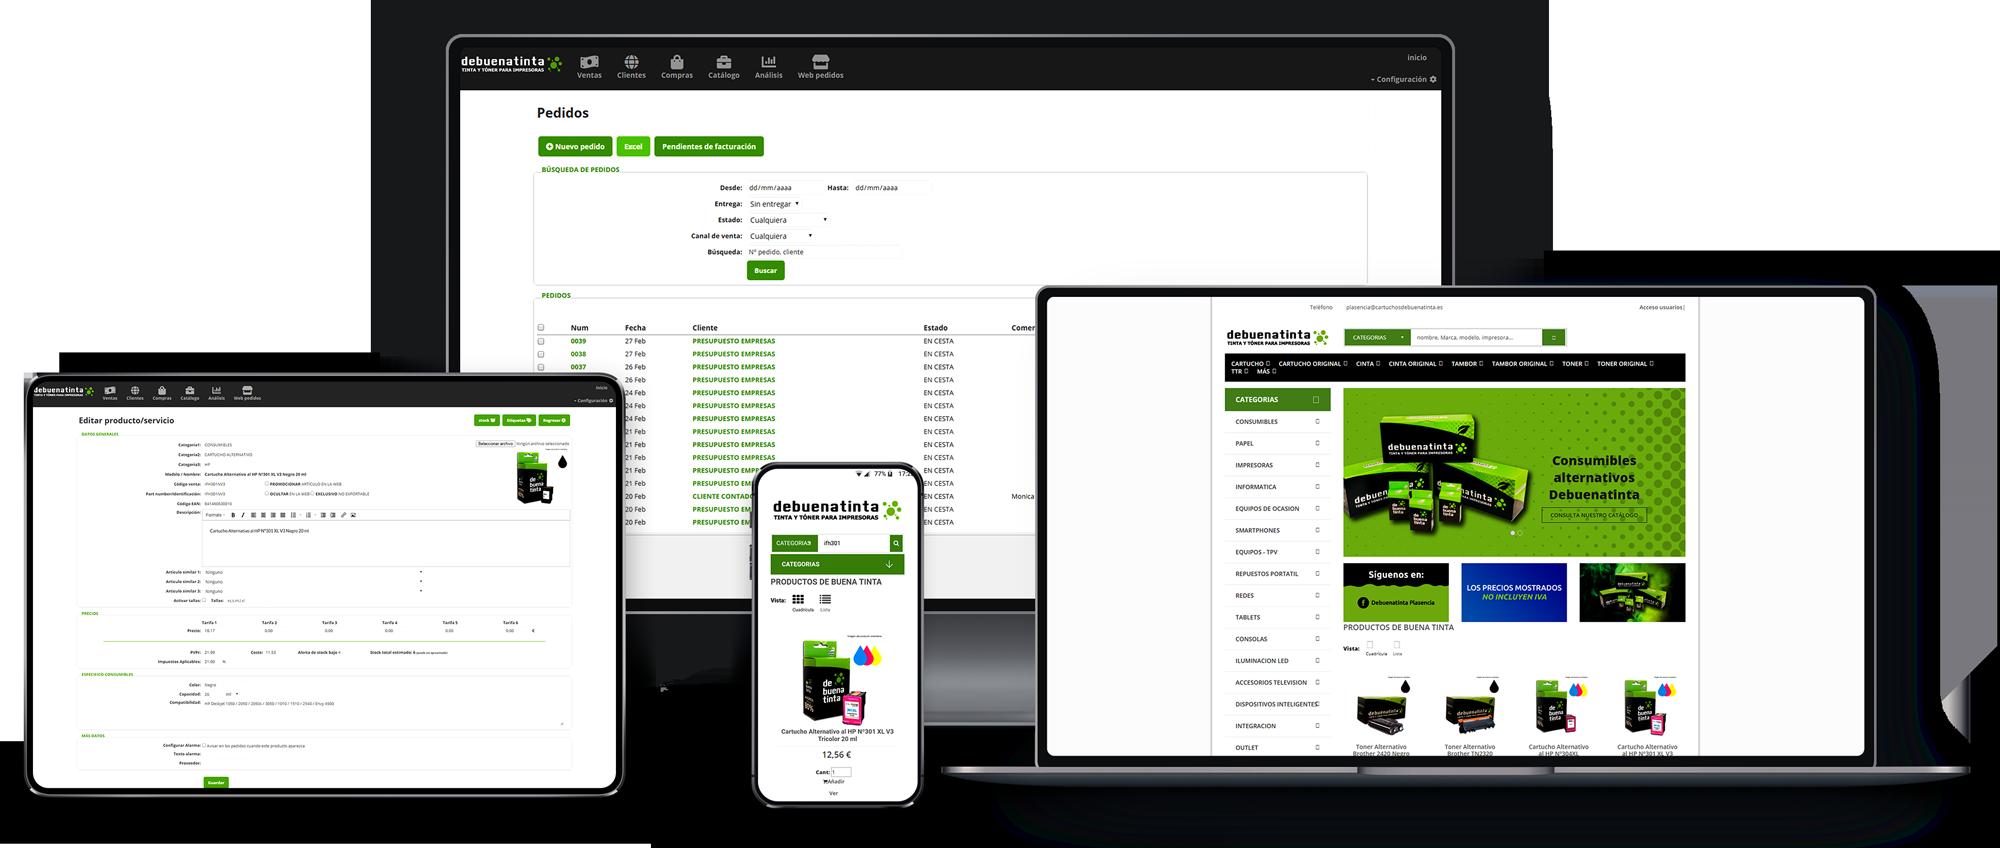 debuenatinta-herramienta-online-debuenatintastore-tienda-online-tinta-toner-erp